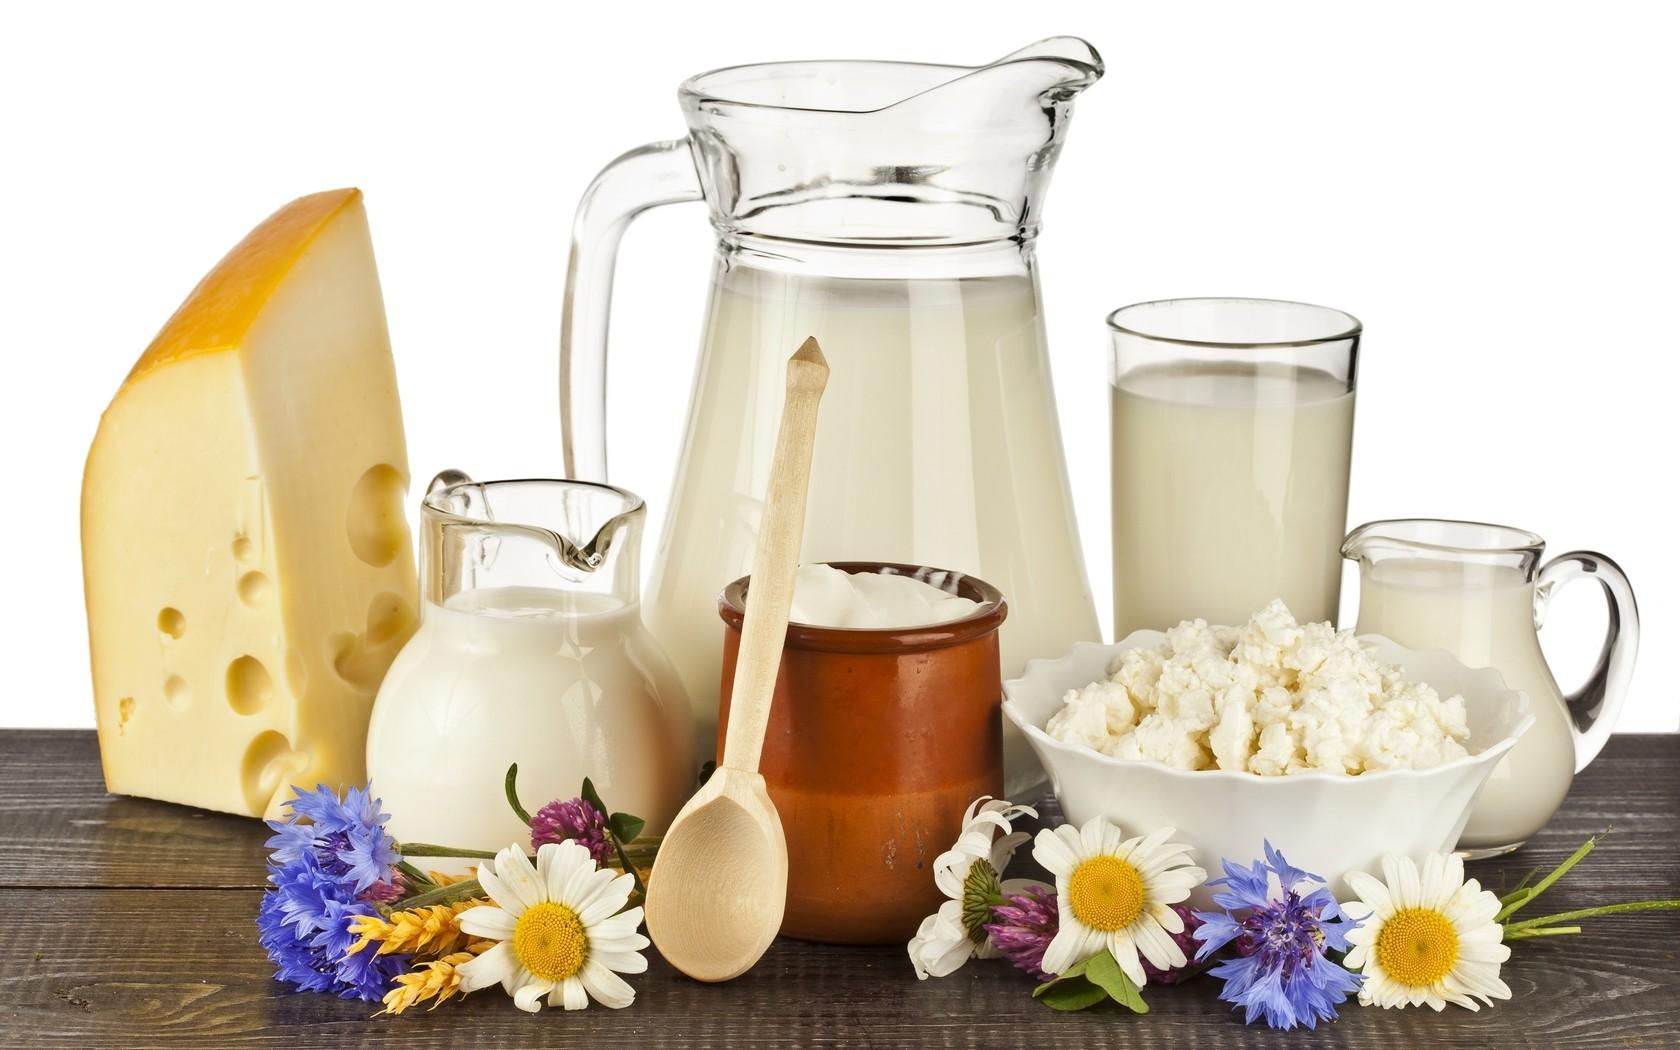 Vai trò của chất nhũ hóa trong thực phẩm